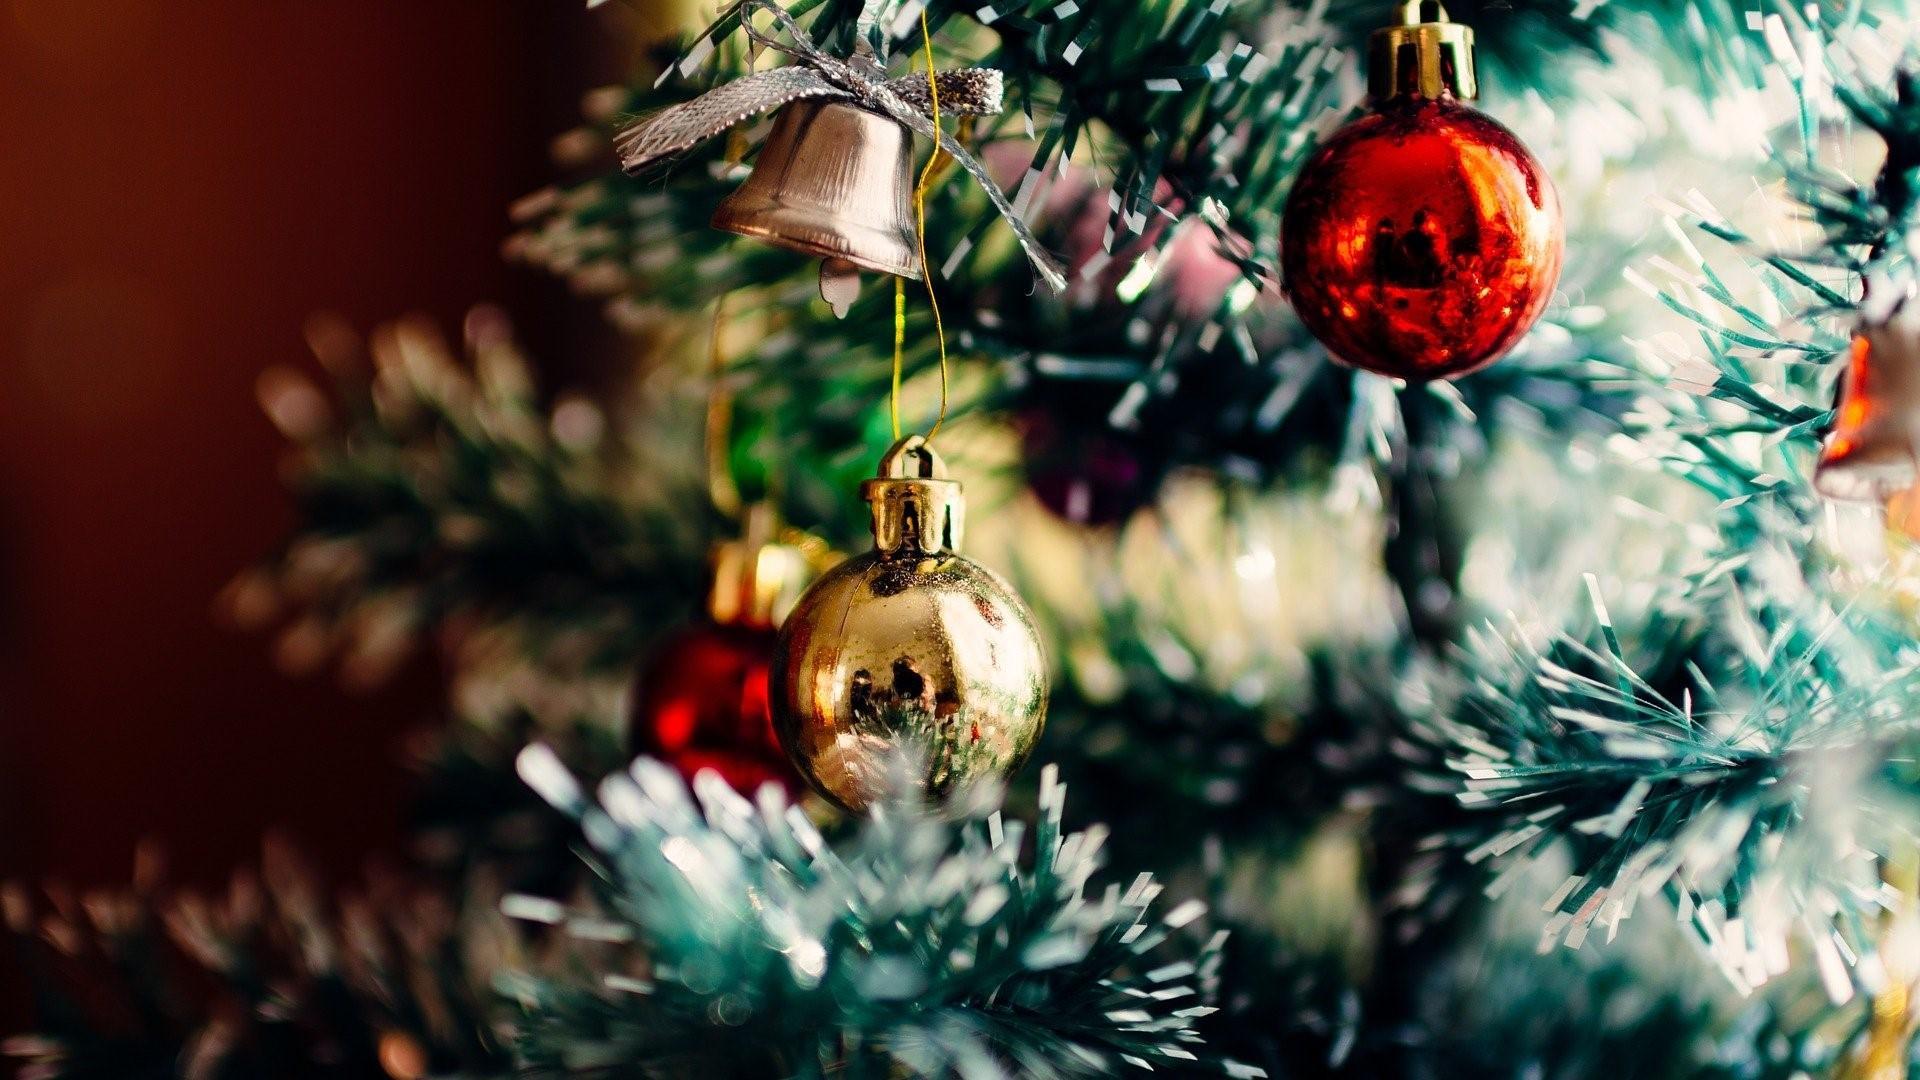 Kurzes Weihnachtsgedicht: Klassiker für das Weihnachtsfest